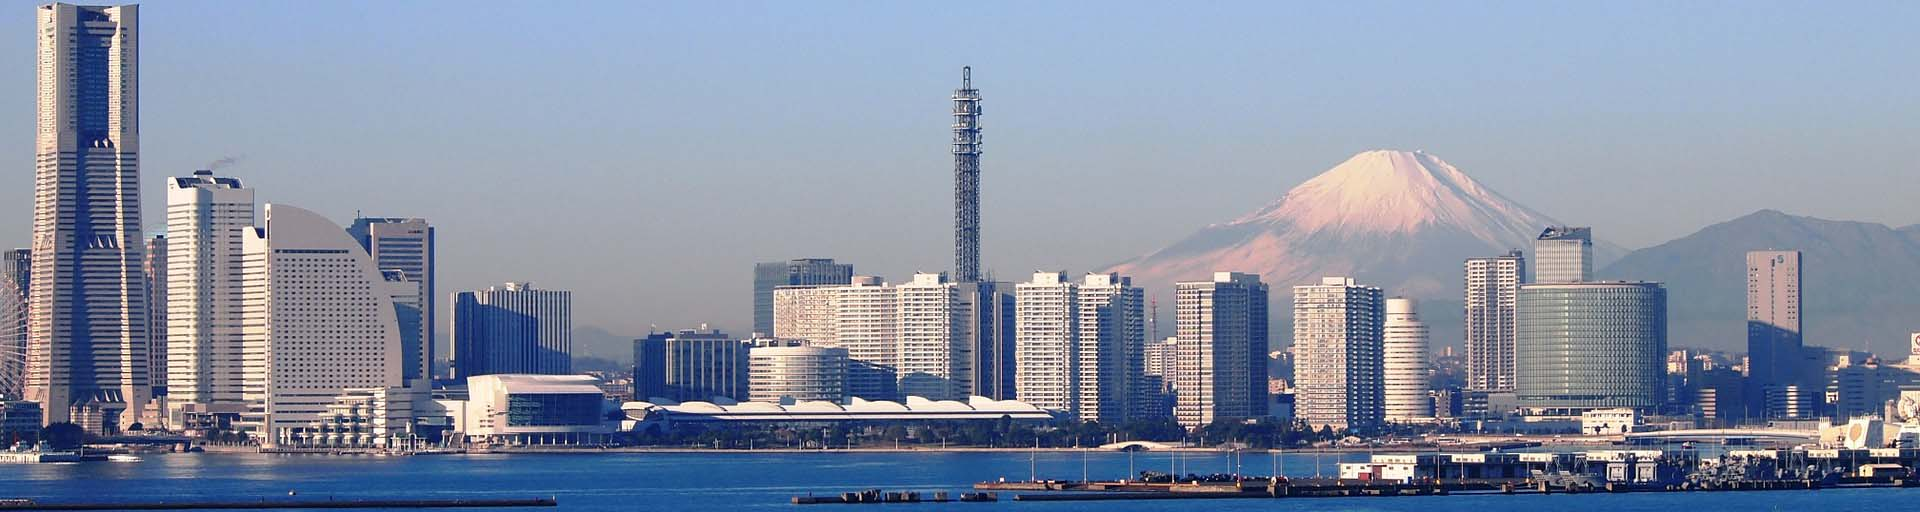 横浜市で往診ができる動物病院13選|口コミ掲載あり